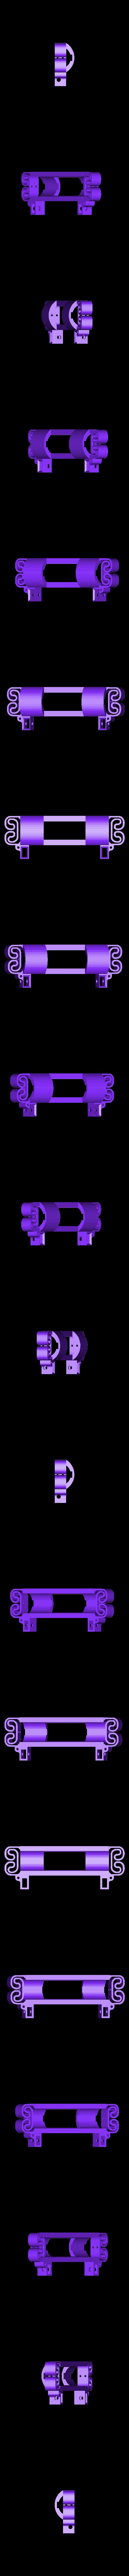 BatteryHolder.stl Télécharger fichier STL gratuit Kozjavcka ( Козявка ) • Modèle pour impression 3D, SiberK